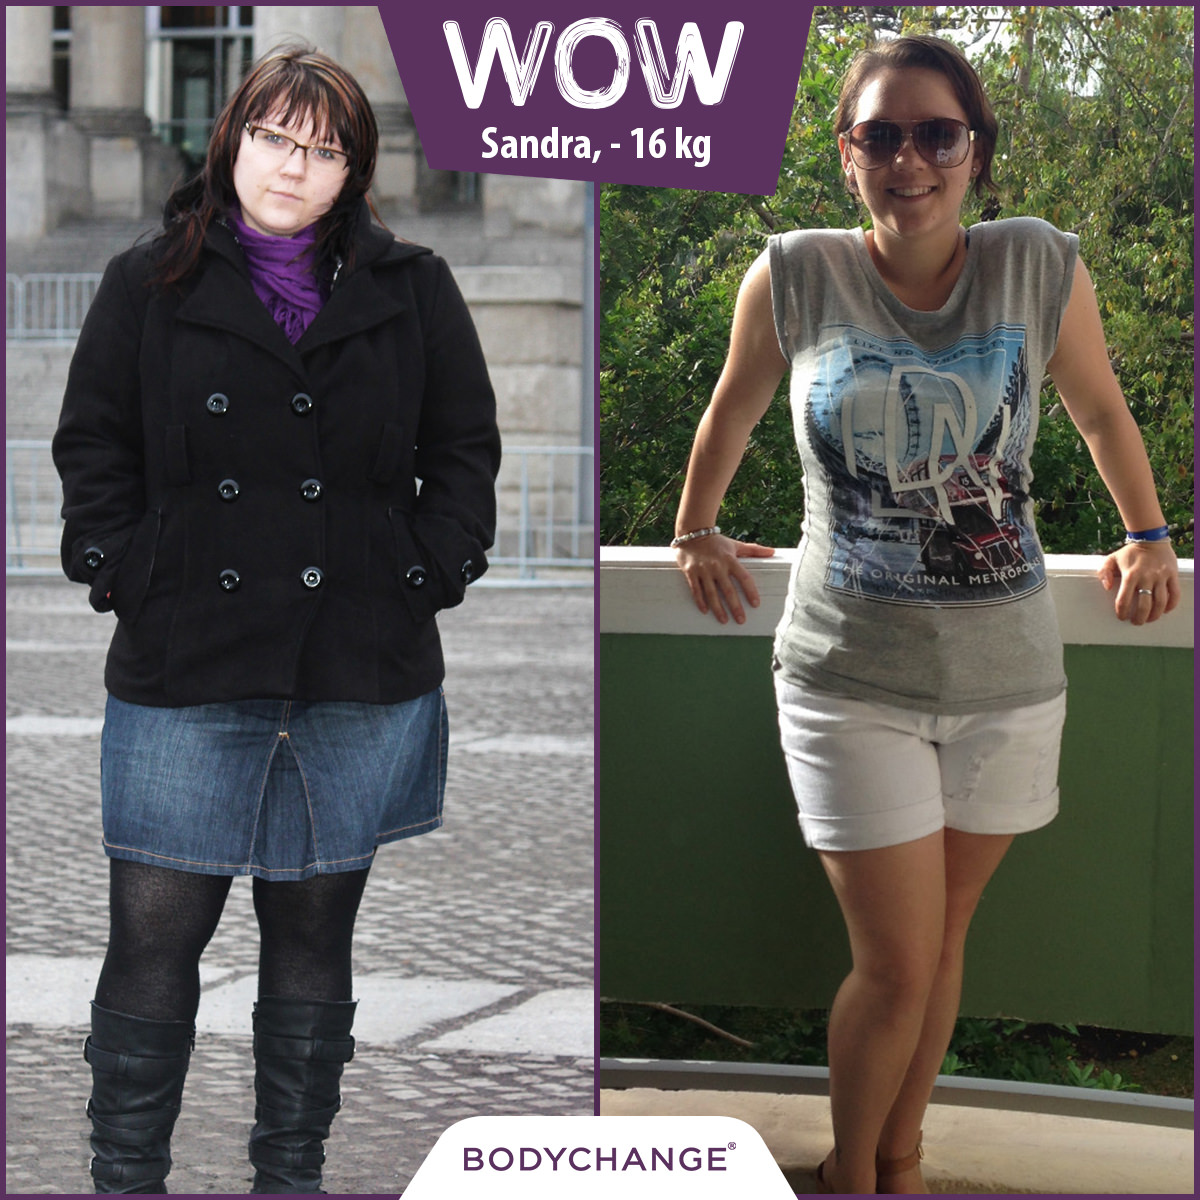 Sandra hat mit BodyChange 16 kg abgenommen